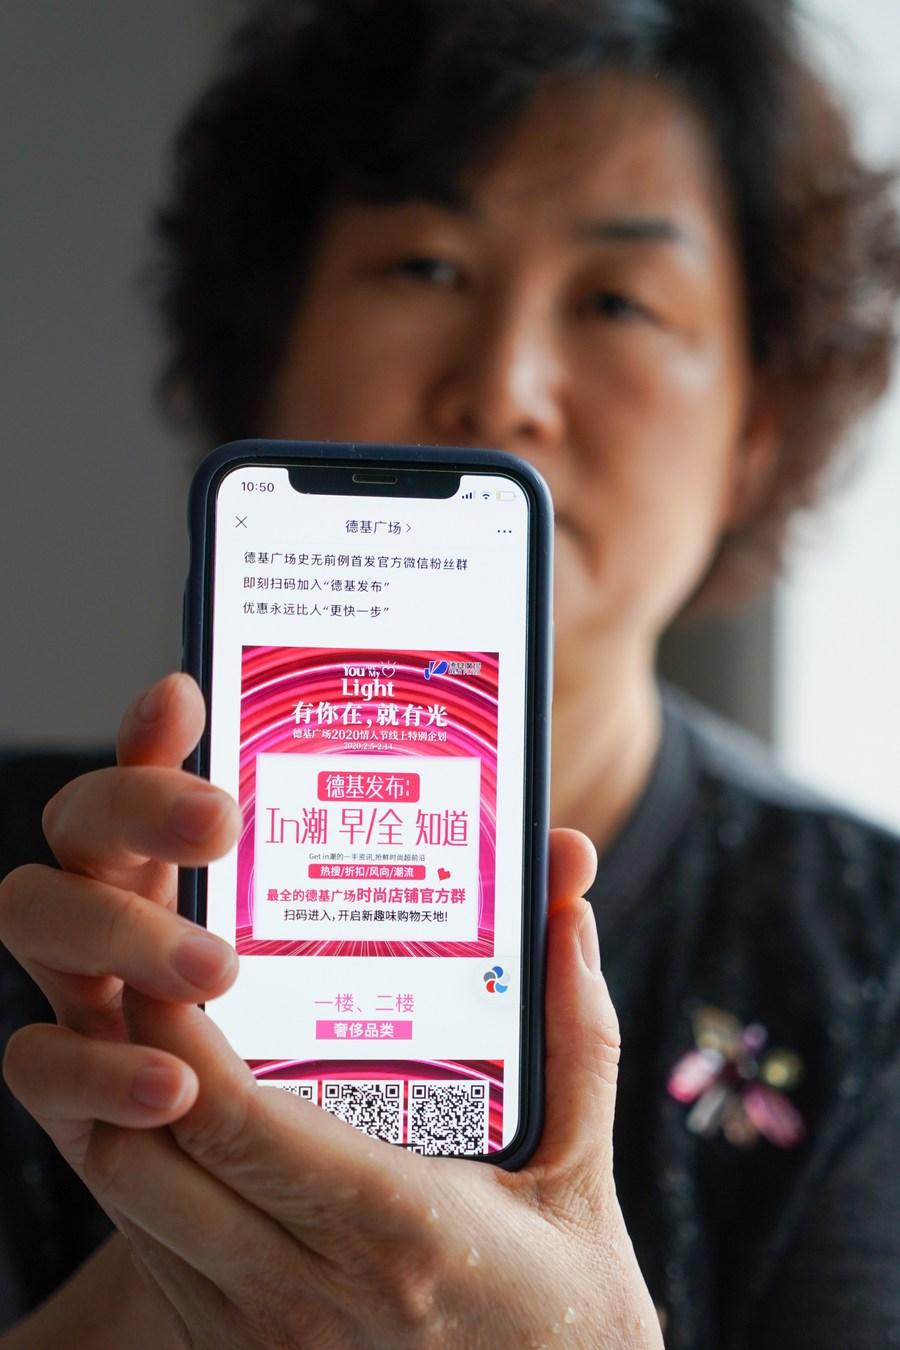 ตลาดโฆษณาออนไลน์จีนขยายตัวในปี 2020